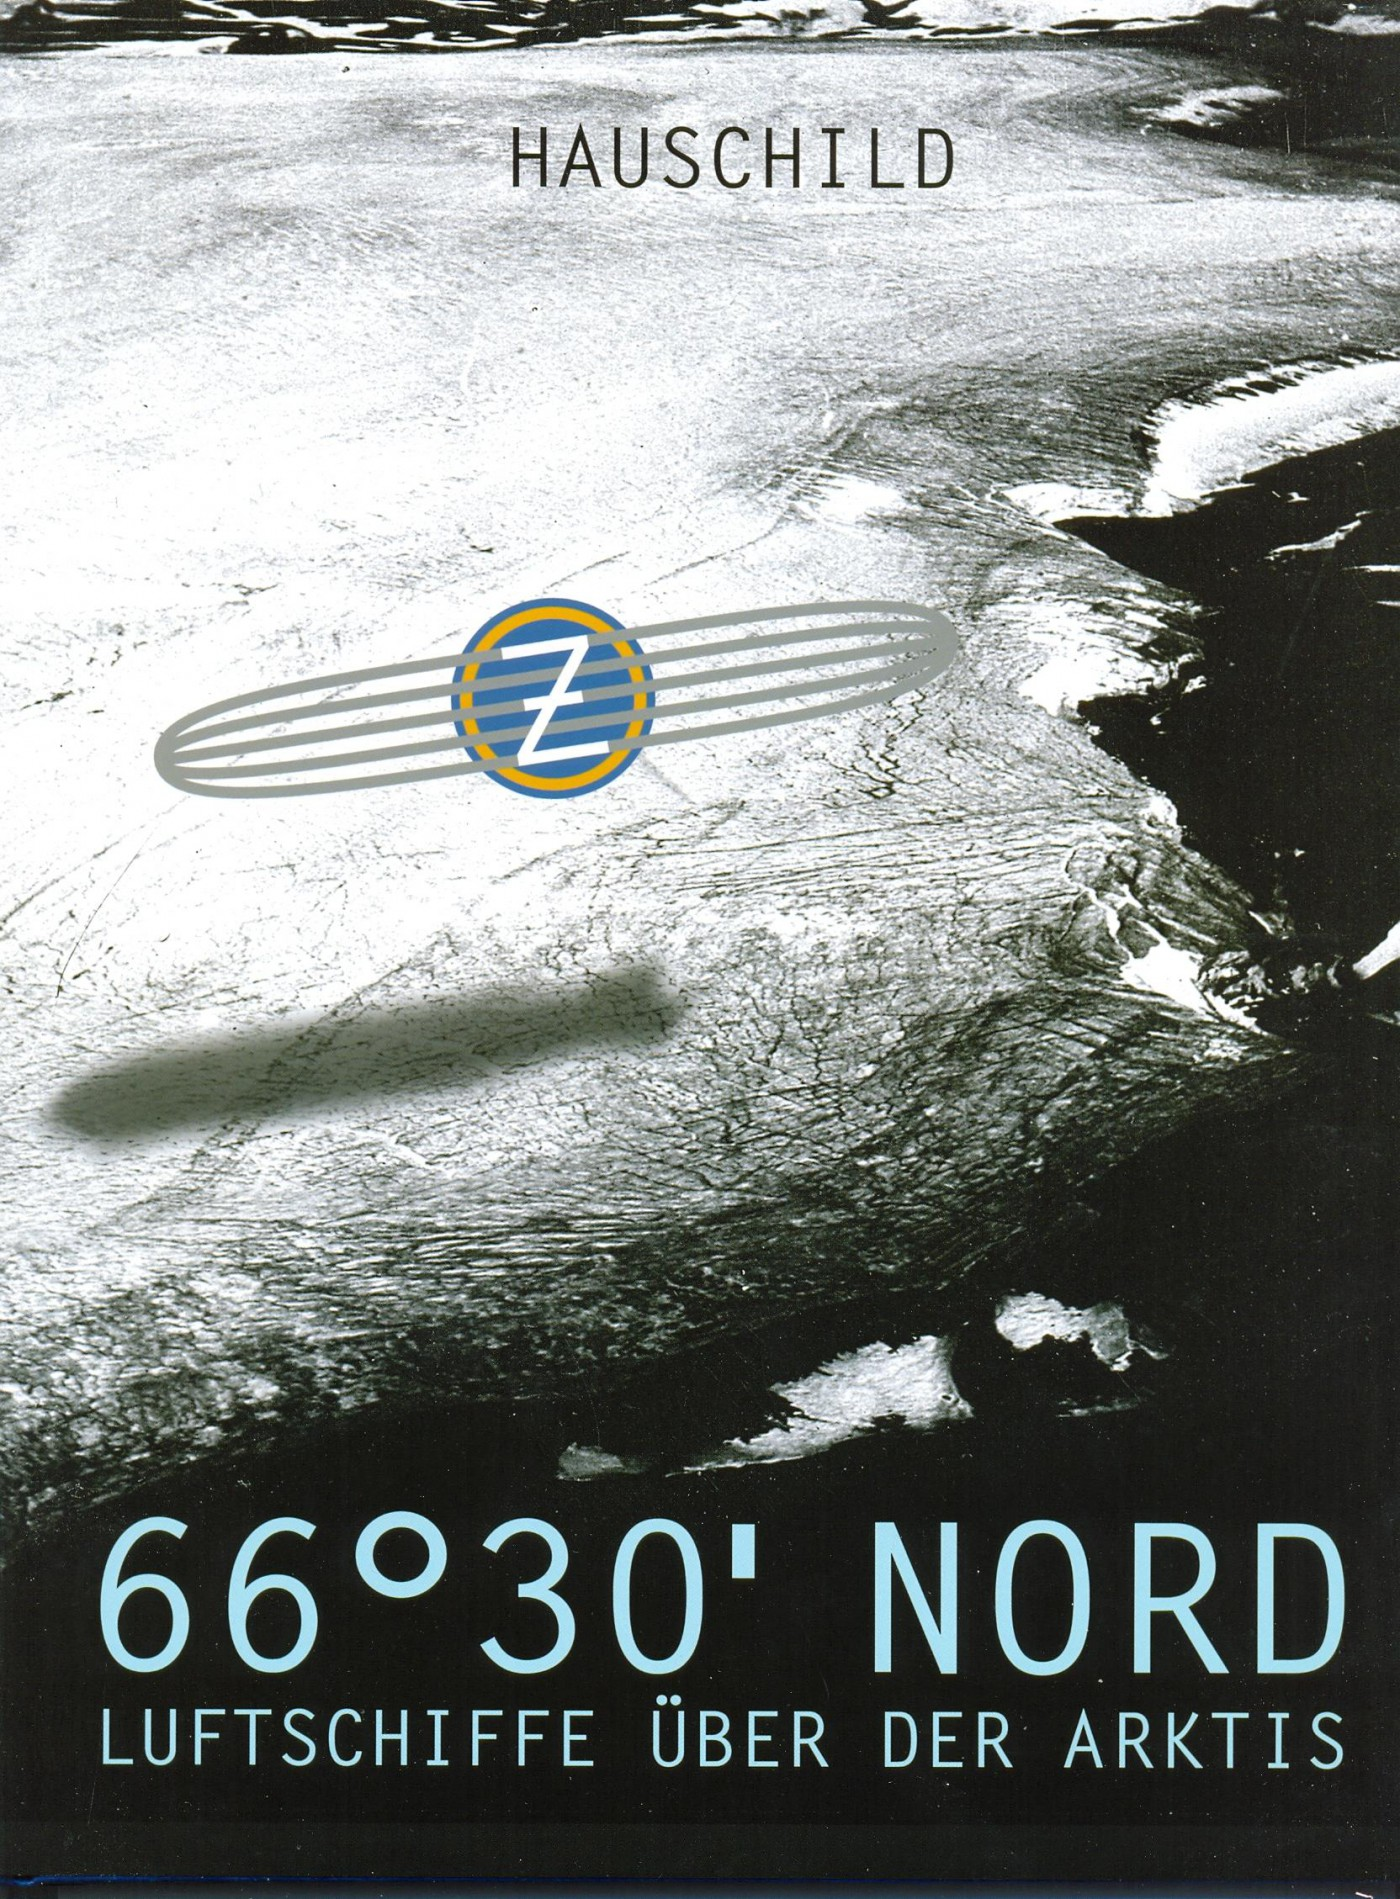 66°30' Nord - Luftschiffe über der Arktis